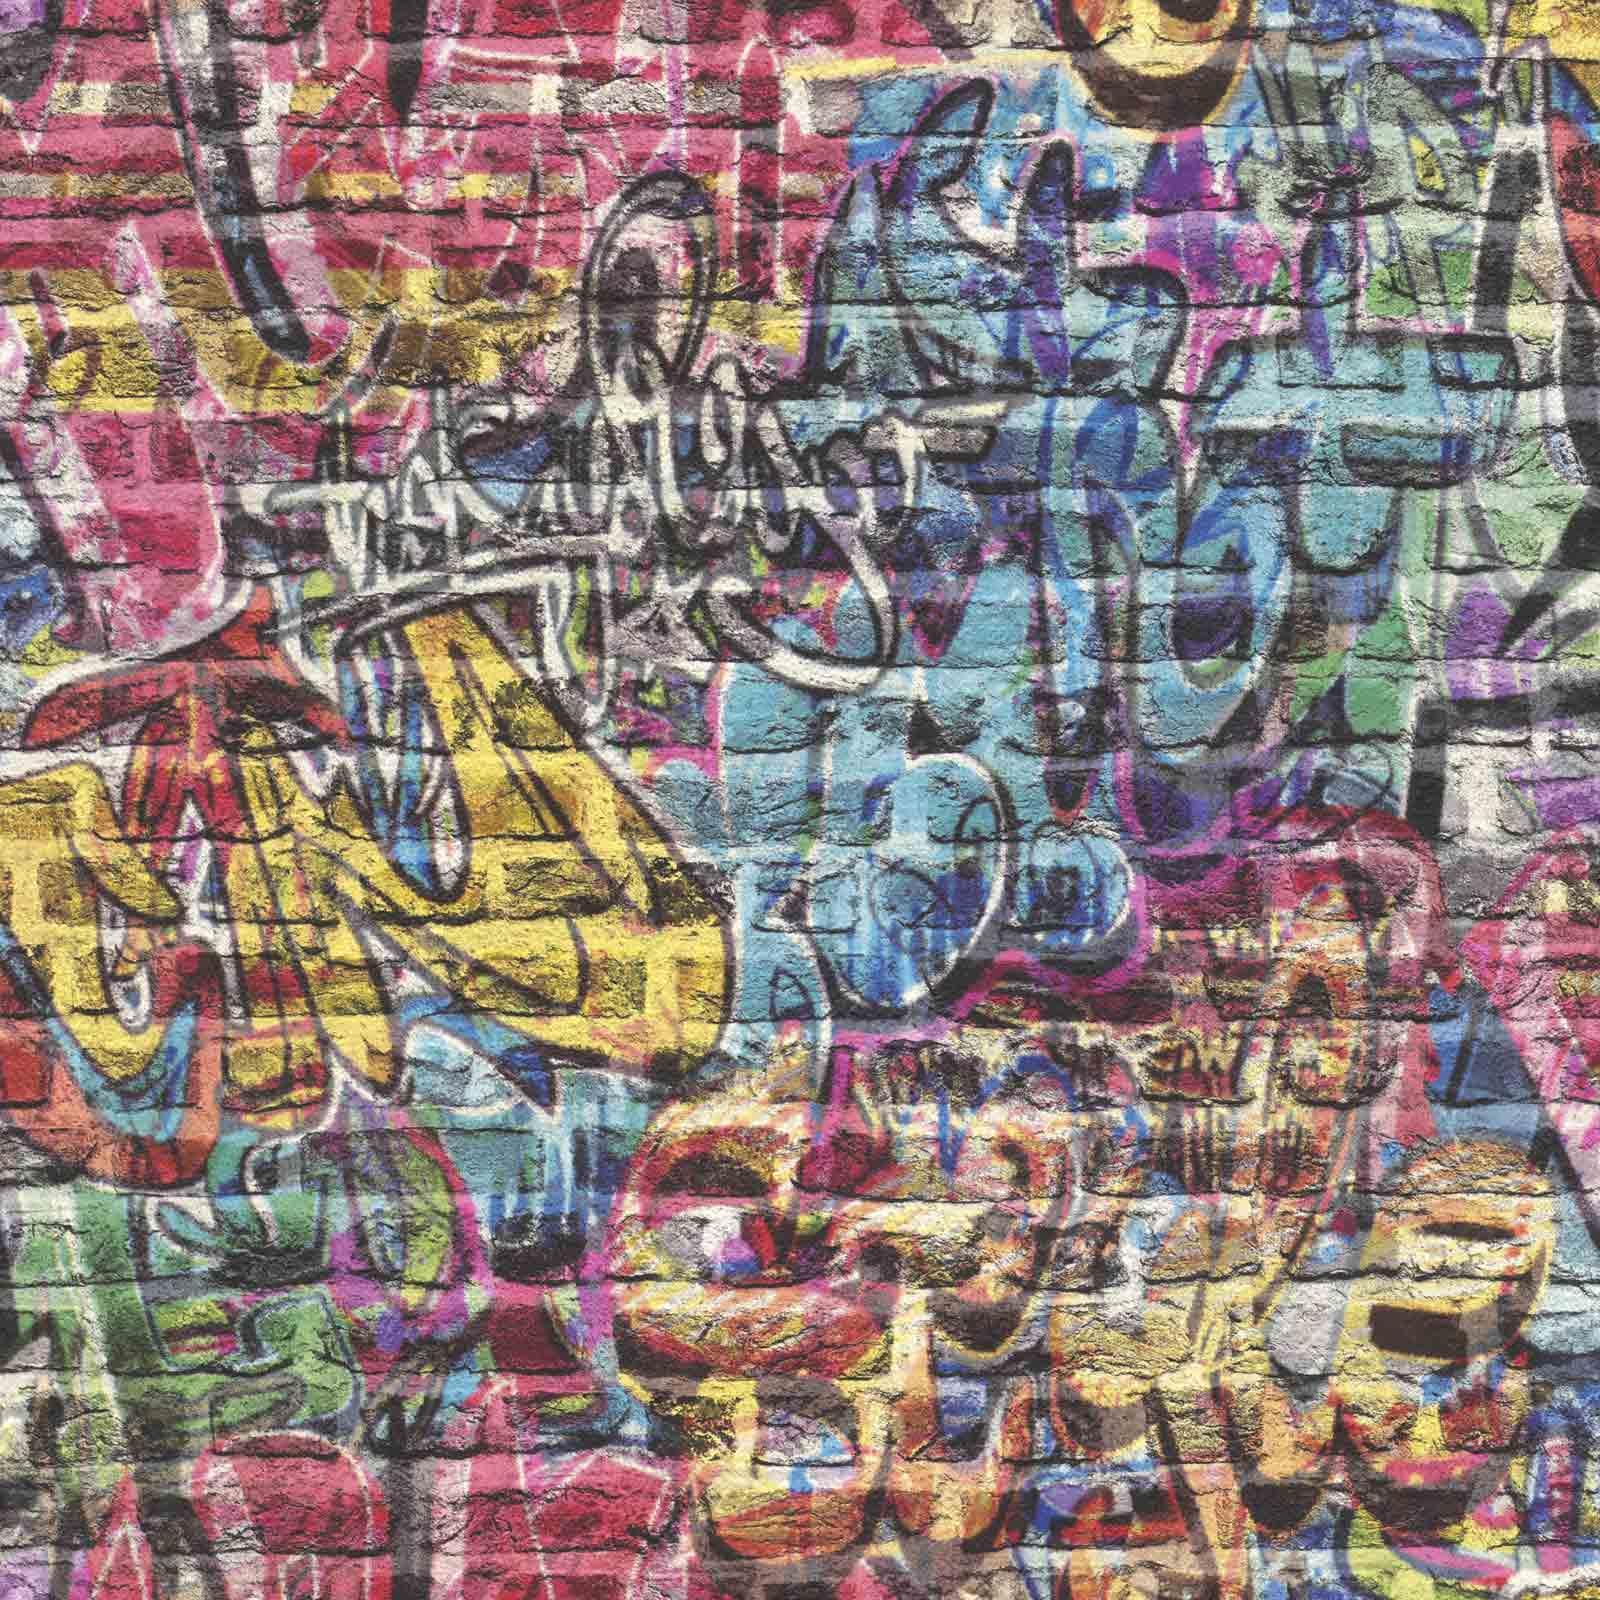 Details About 3D Effect Brick Wall Graffiti Wallpaper Spray Paint Teen Kids Boys Girls Rasch